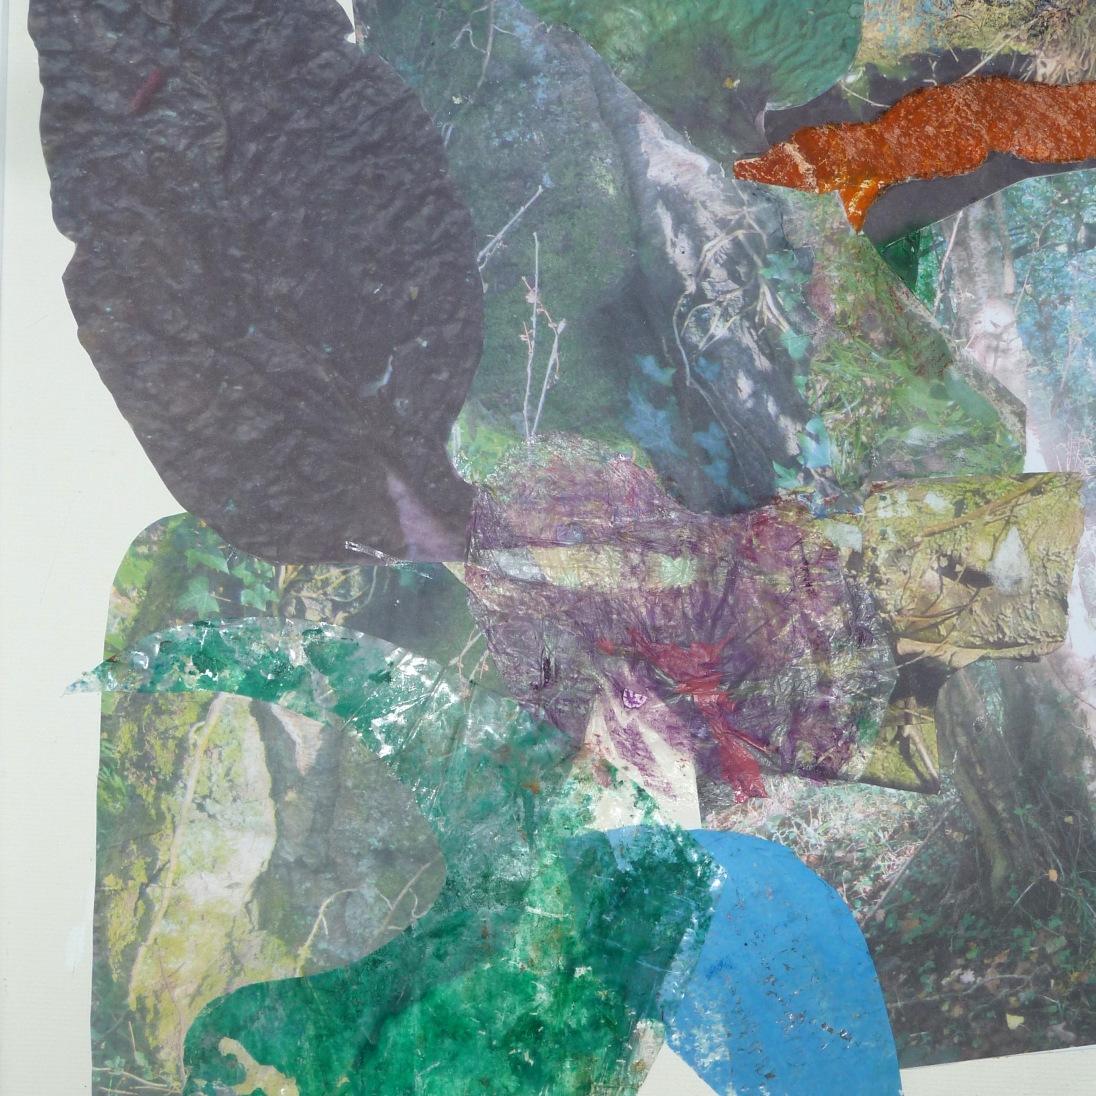 Vegetation, collage